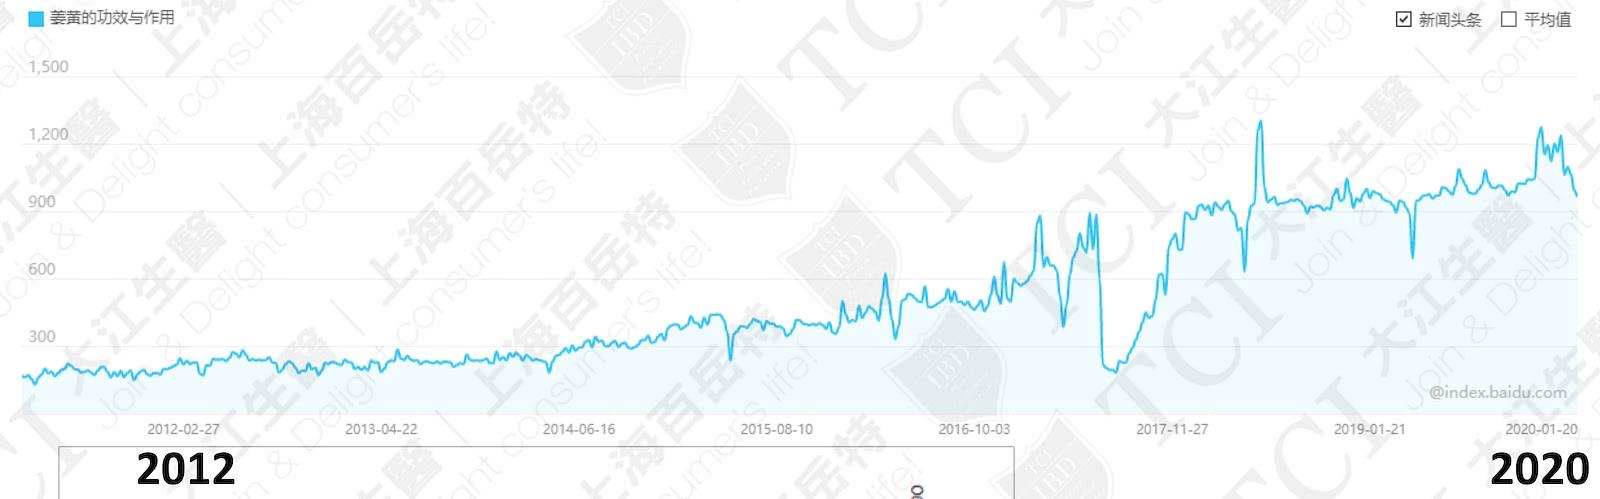 姜黄的功效与作用网路搜寻量 / 数据源: 百度指数